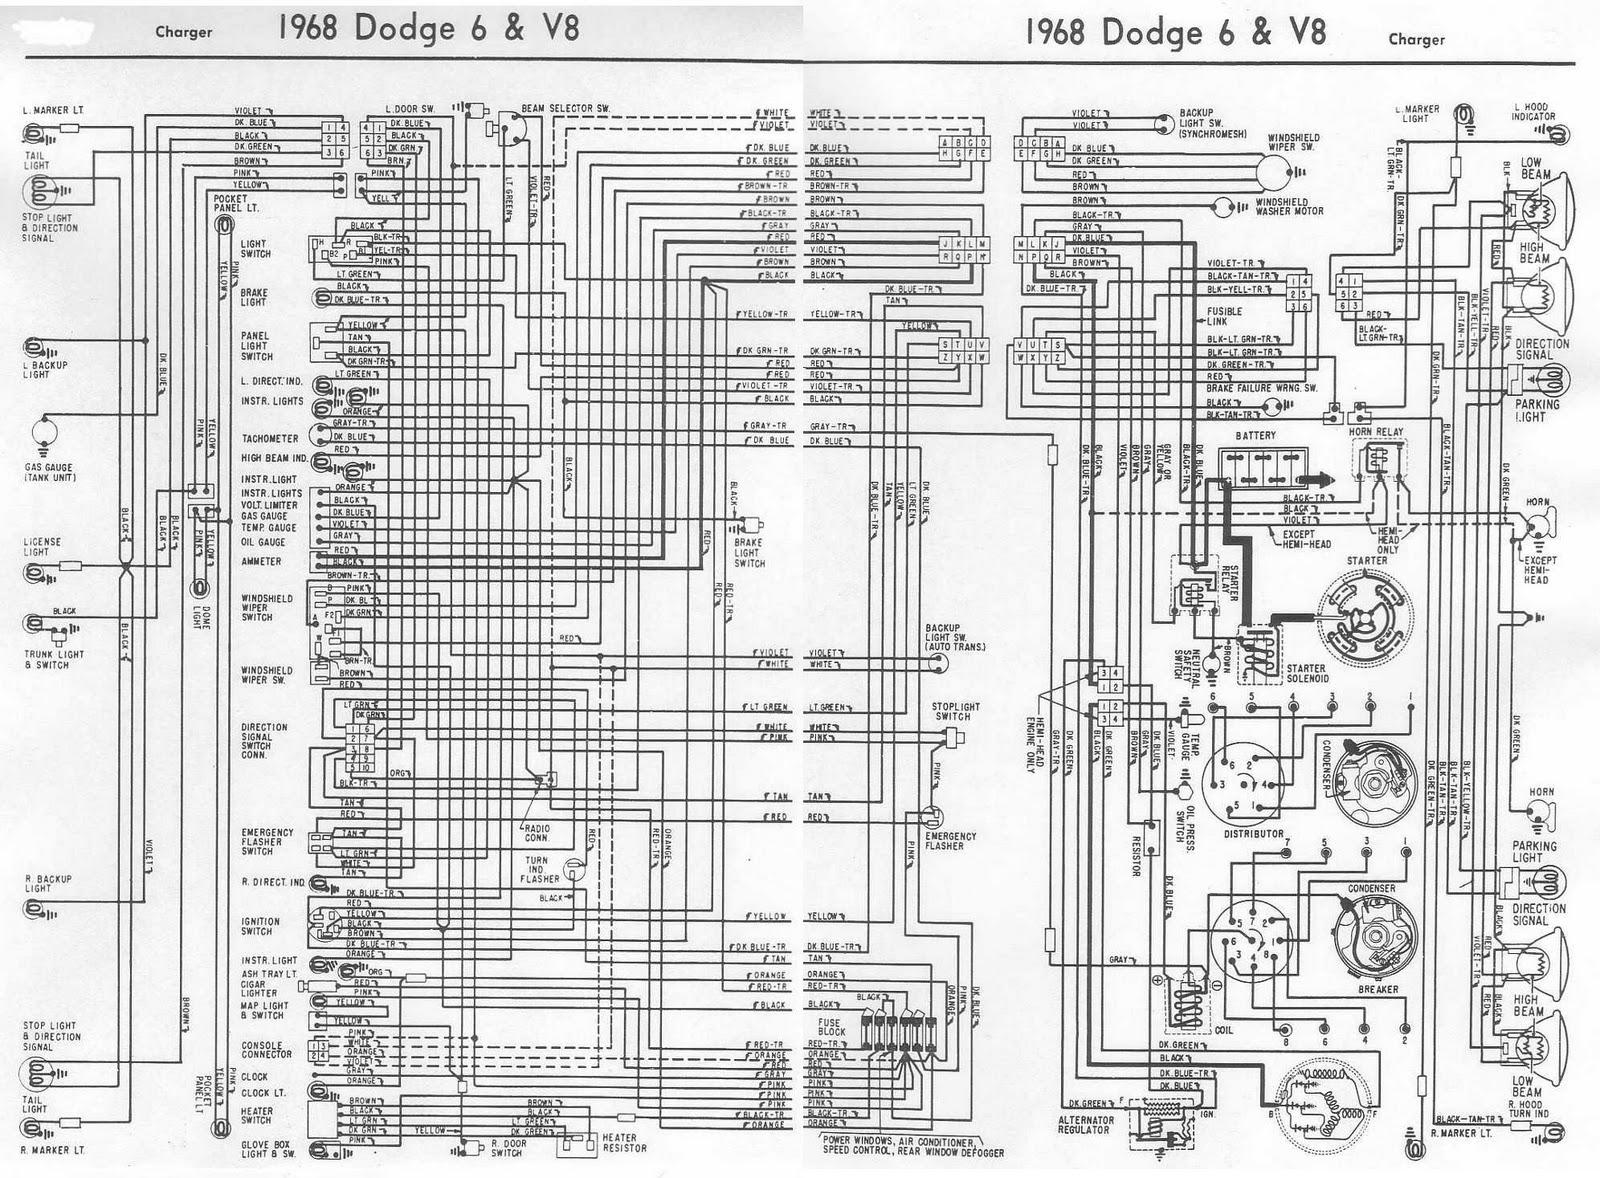 1972 dodge dart wiring diagram schematic     1972 dodge charger wiring schematic free download diagram      1972 dodge charger wiring schematic